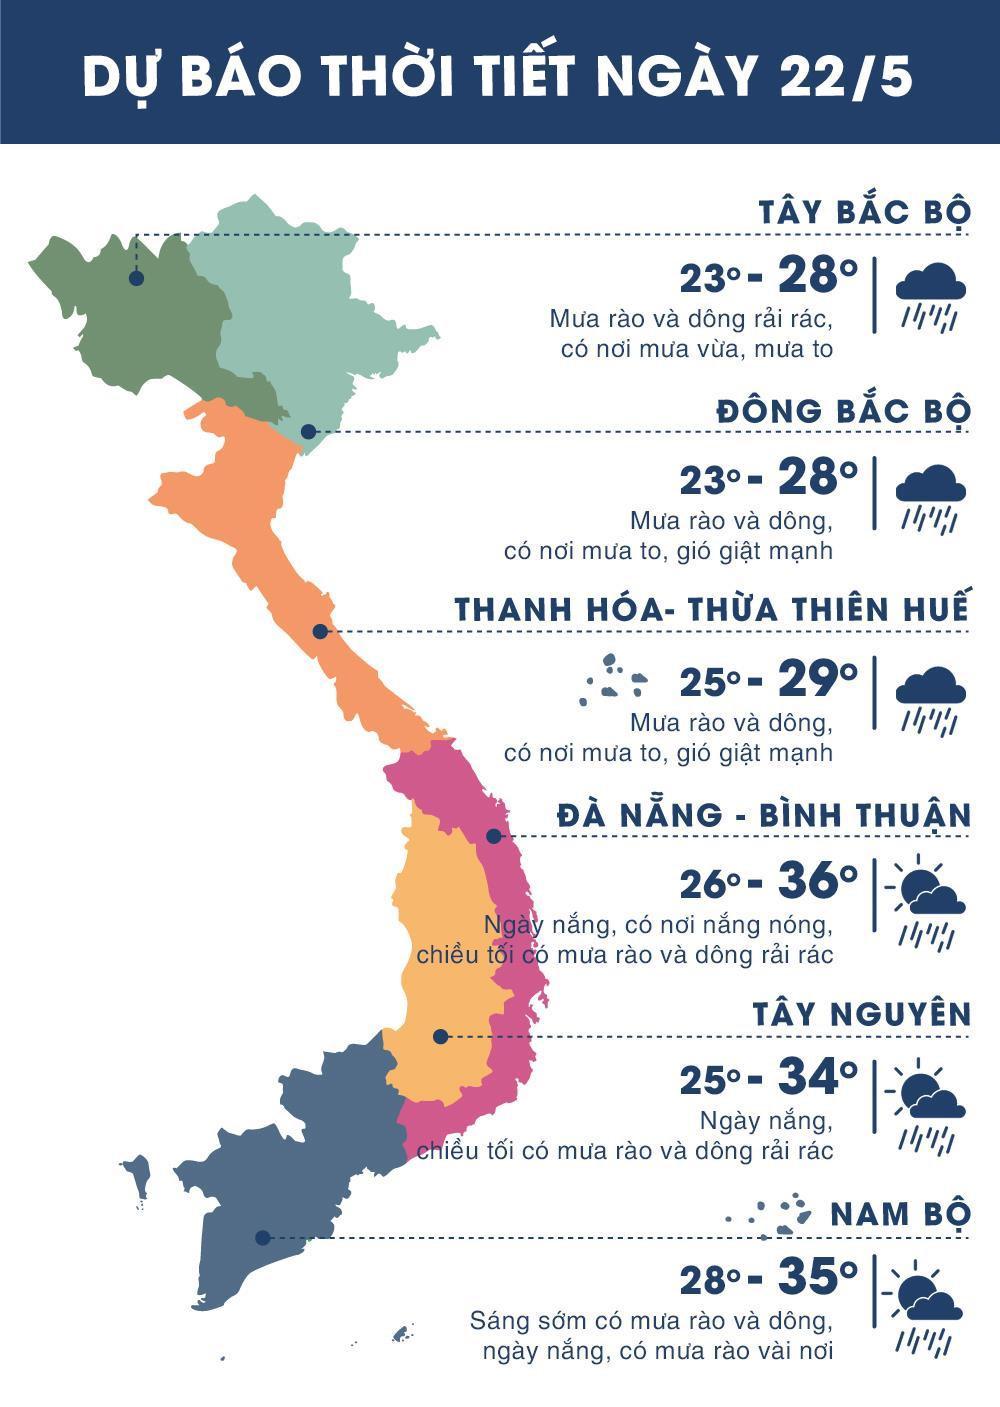 Thời tiết ngày 22/5: Hà Nội mát mẻ, miền Bắc mưa lớn diện rộng Ảnh 1